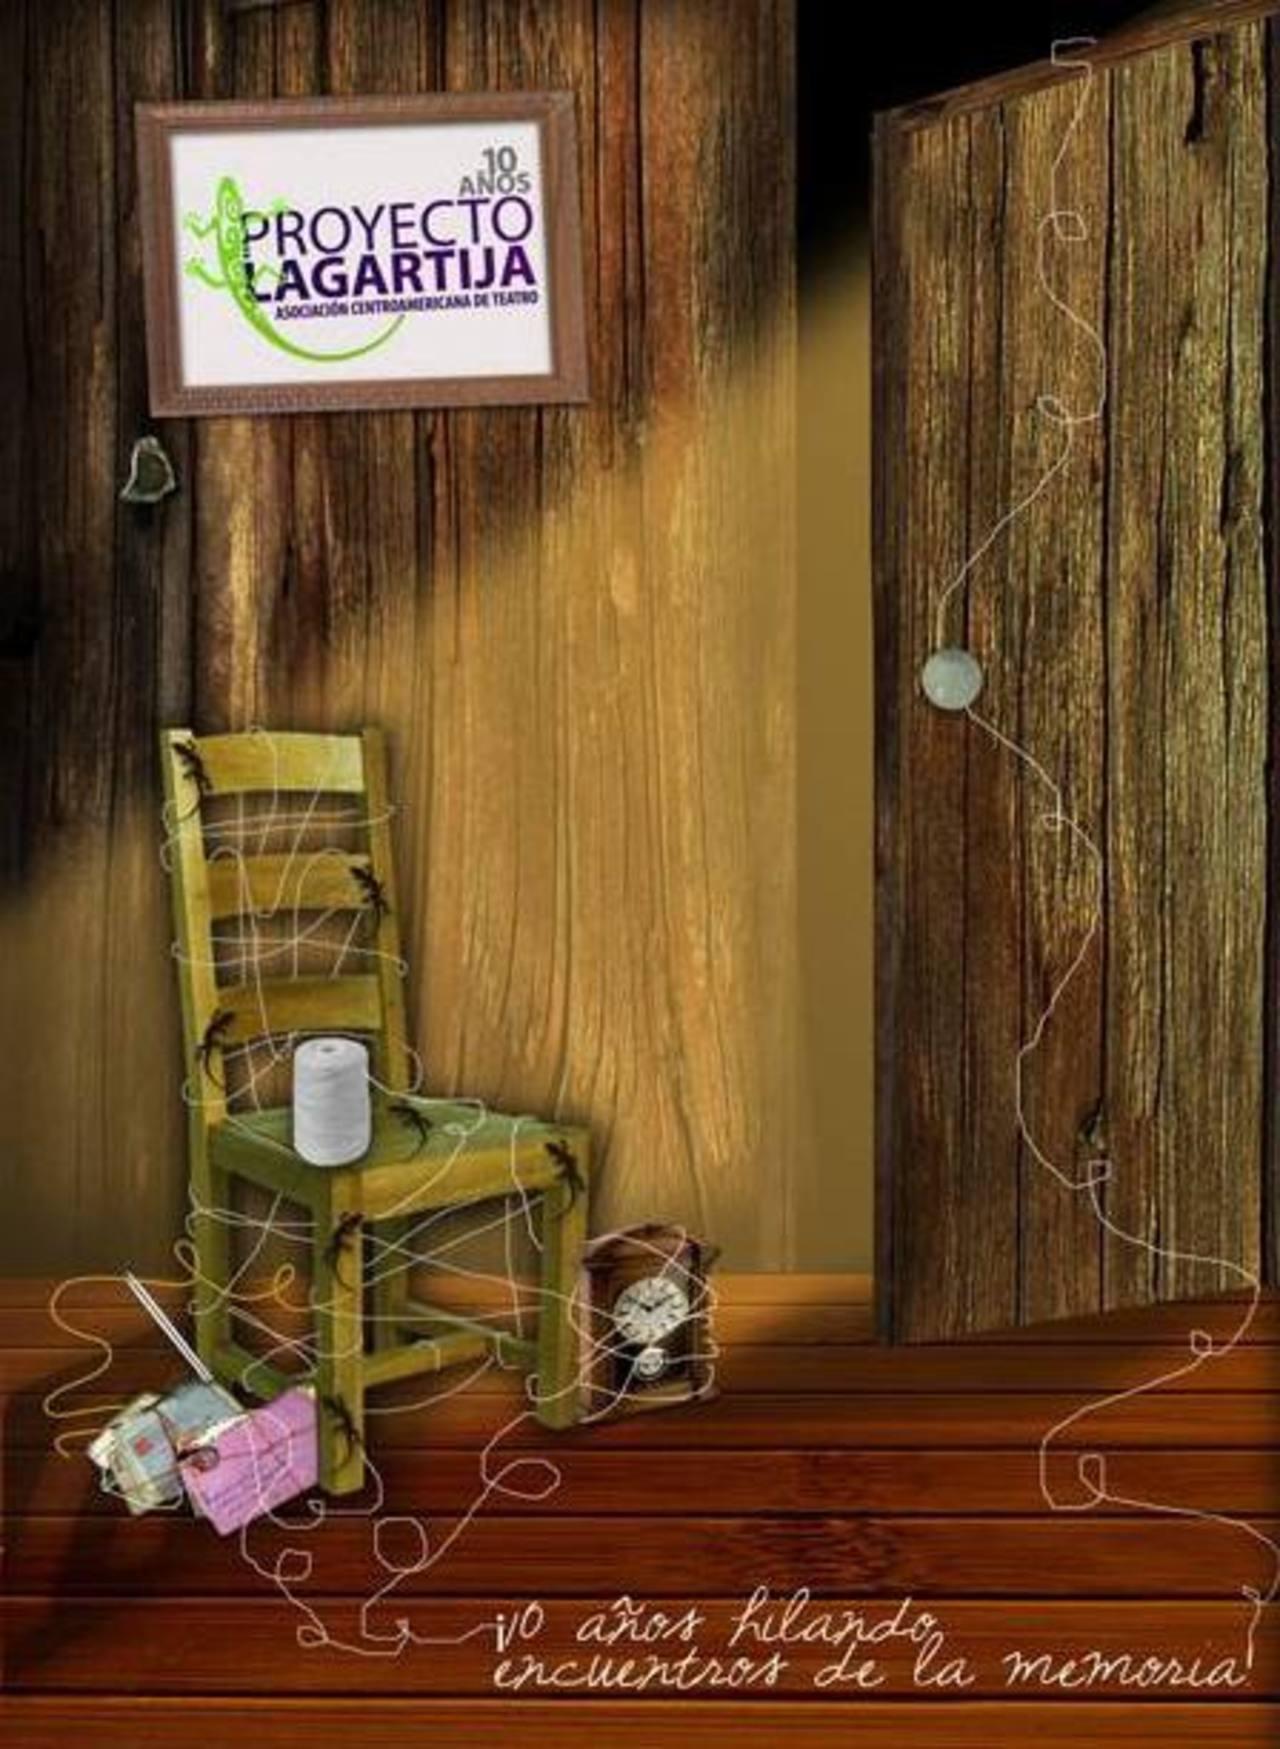 Proyecto Lagartija nació con el objetivo de fortalecer el teatro Centroamericano brindando capacitaciones y foros.